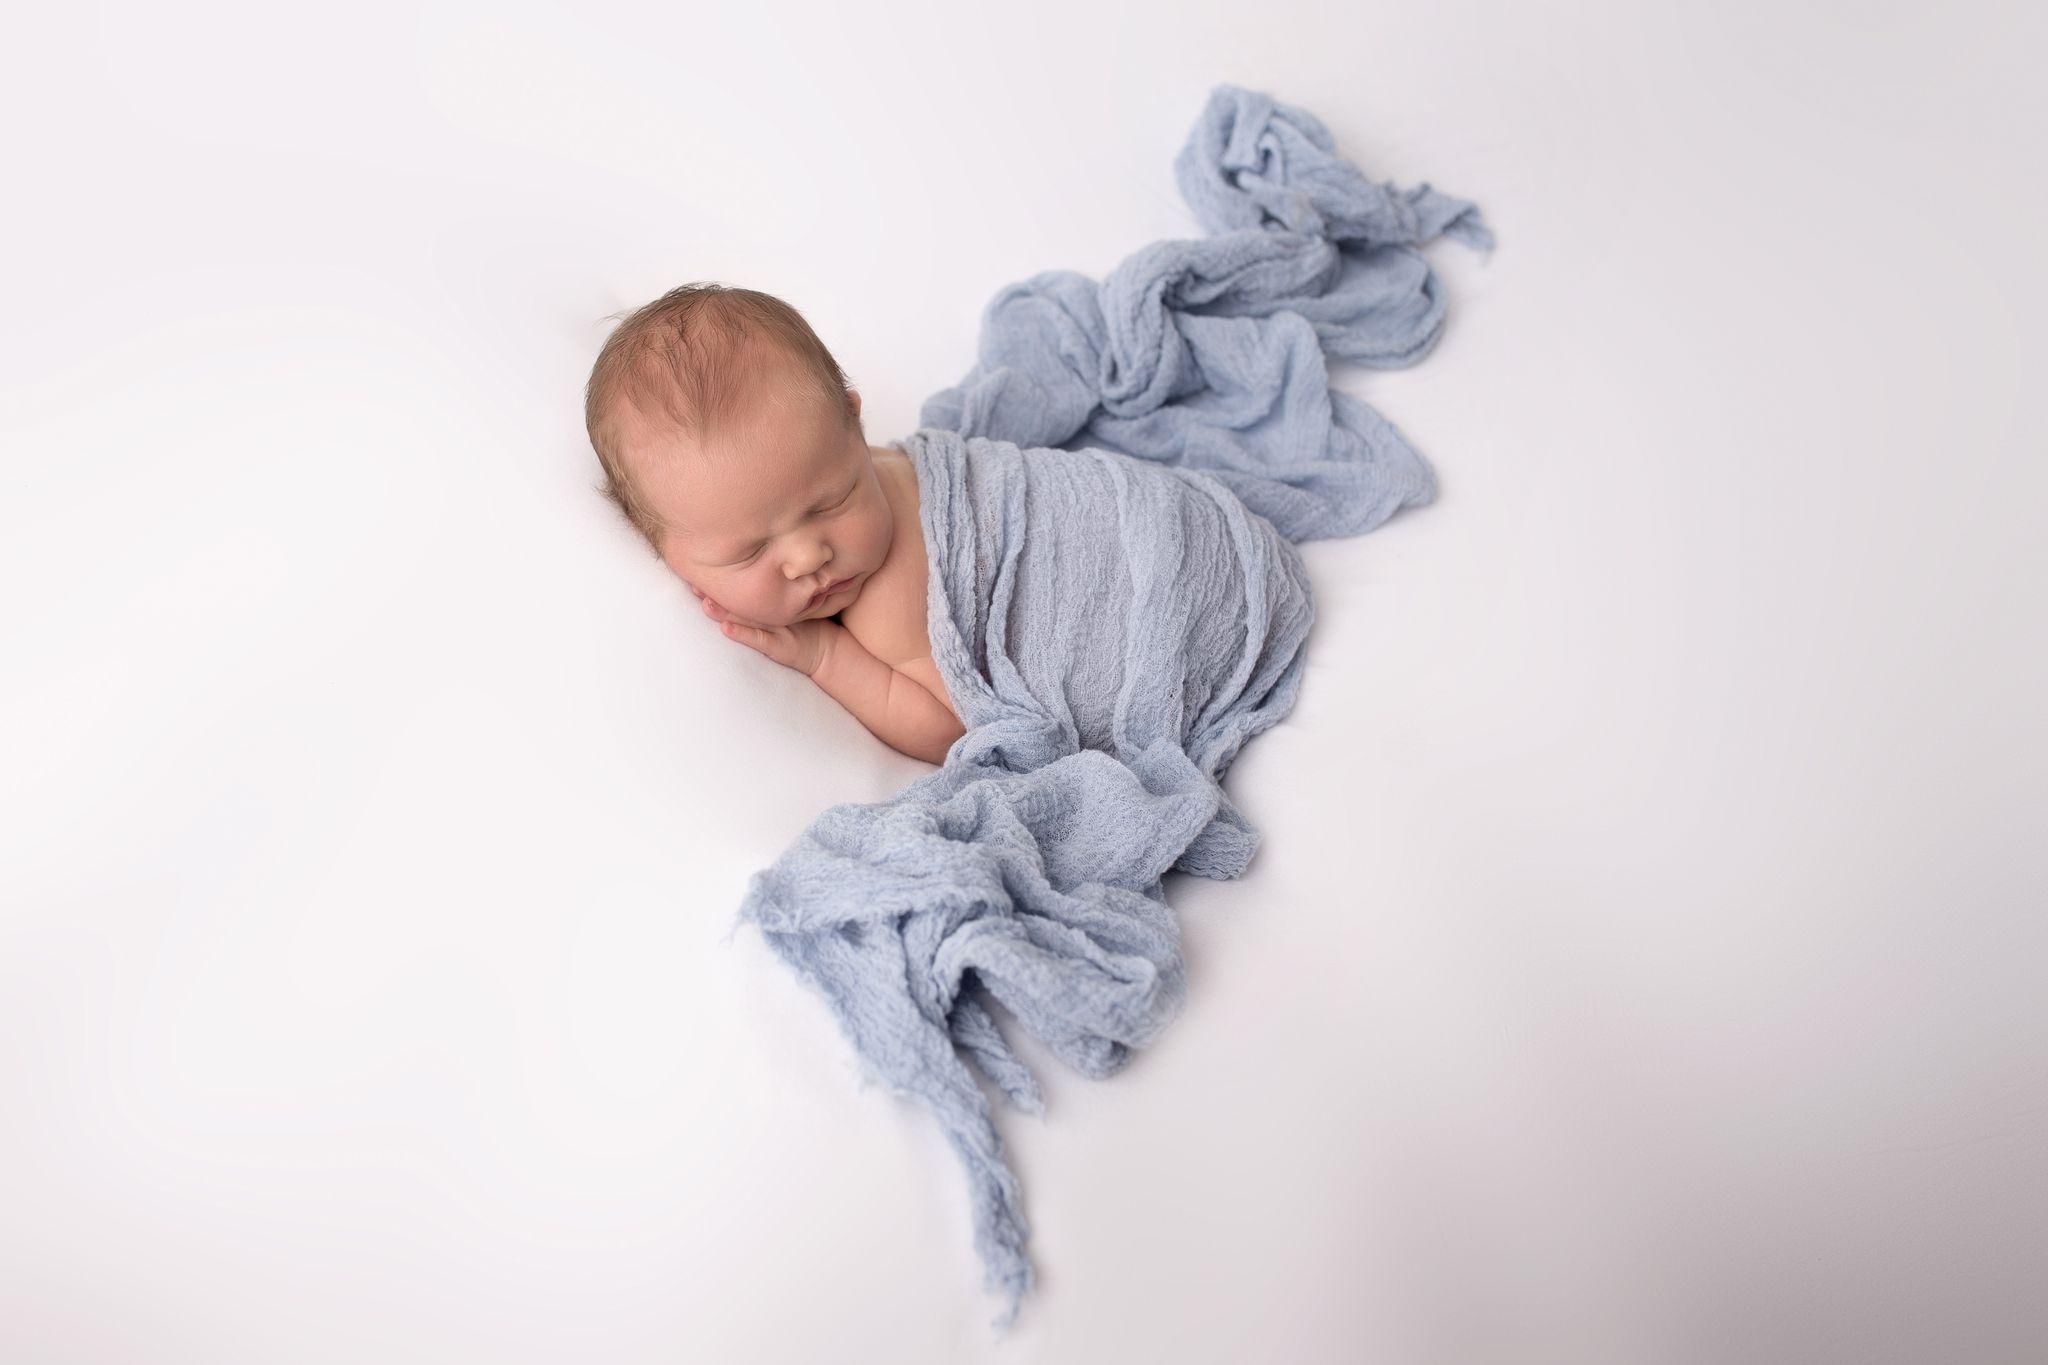 neugeborener Bub in blauen Wrap führt euch zu Sabrina Zisch-Ortners Fotoshooting Angebot